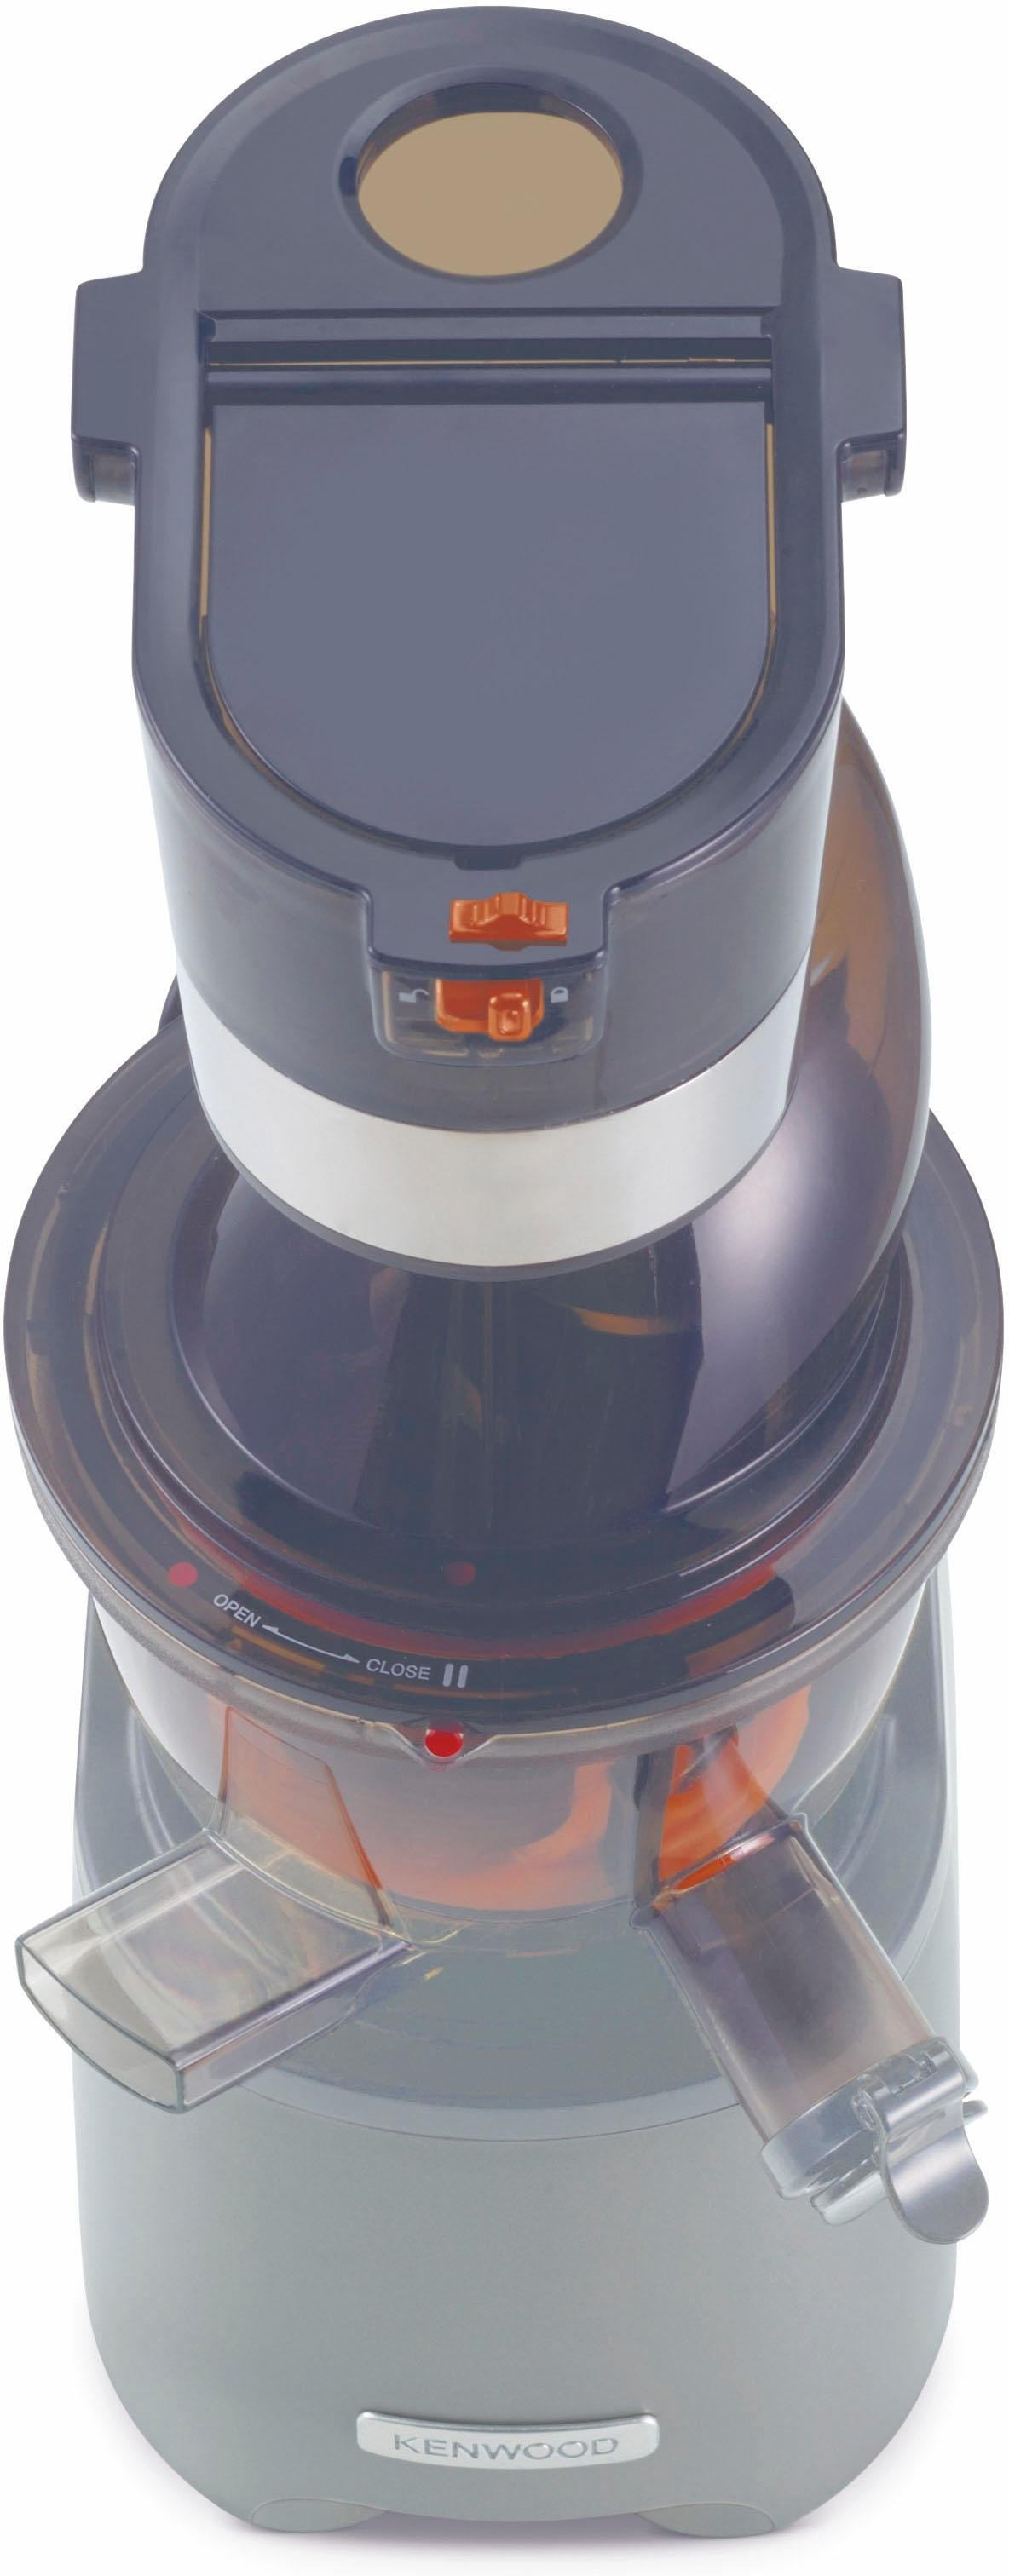 Slow Juicer Kenwood Jmp800 : KENWOOD slow-juicer JMP 800 SI nu online bestellen OTTO